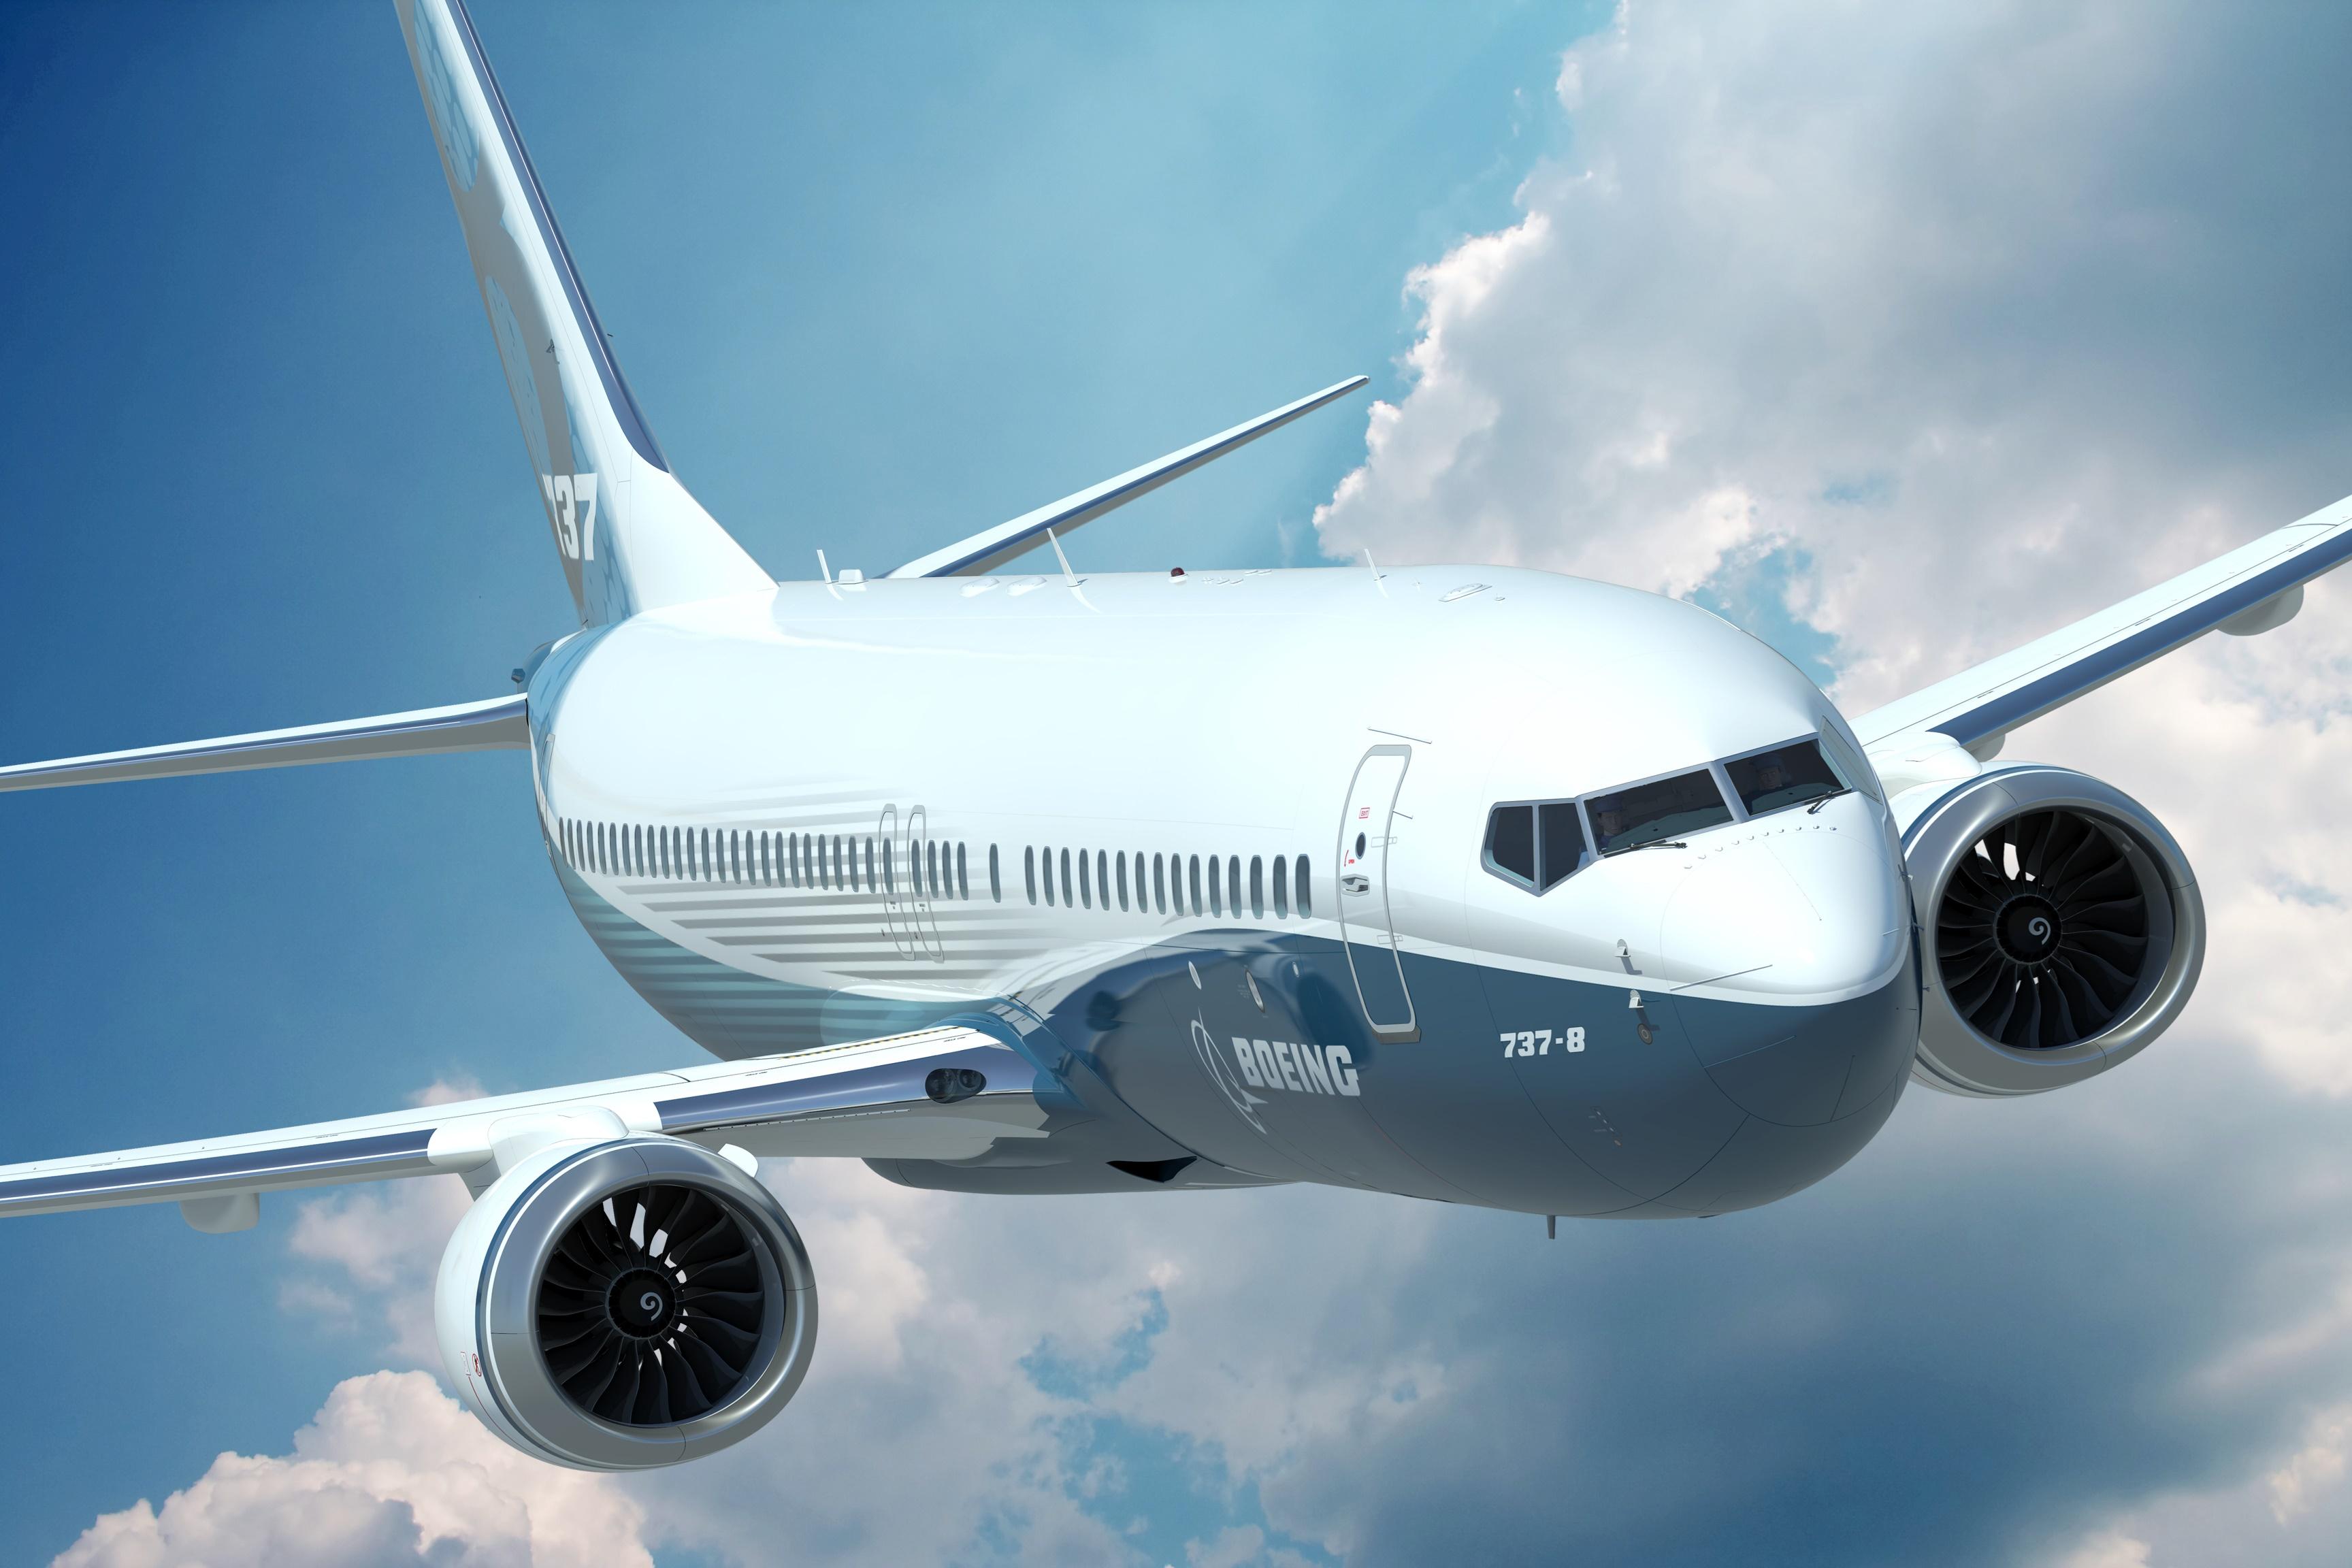 مشخصات فنی هواپیماهای مدرنی که آسمان خرید